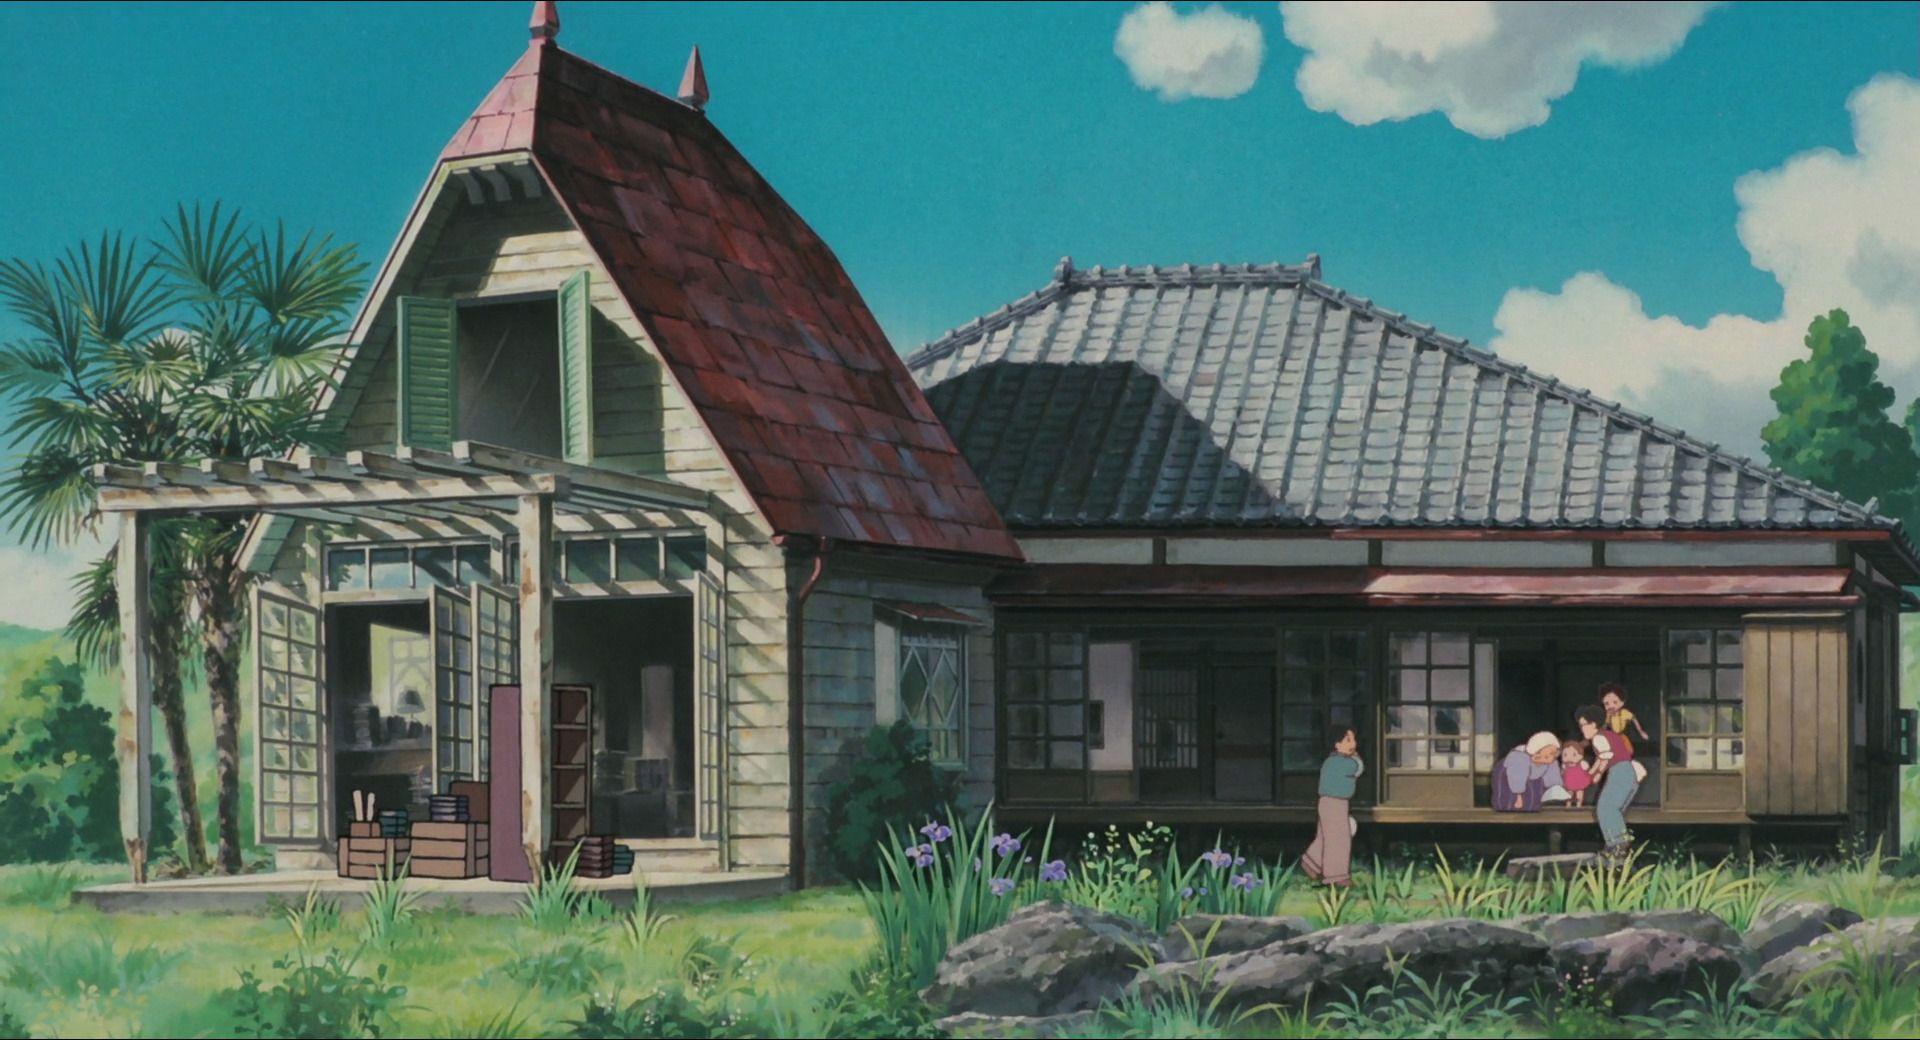 Pin by 546 on 吉卜力室内 in 2020 My neighbor totoro, Totoro